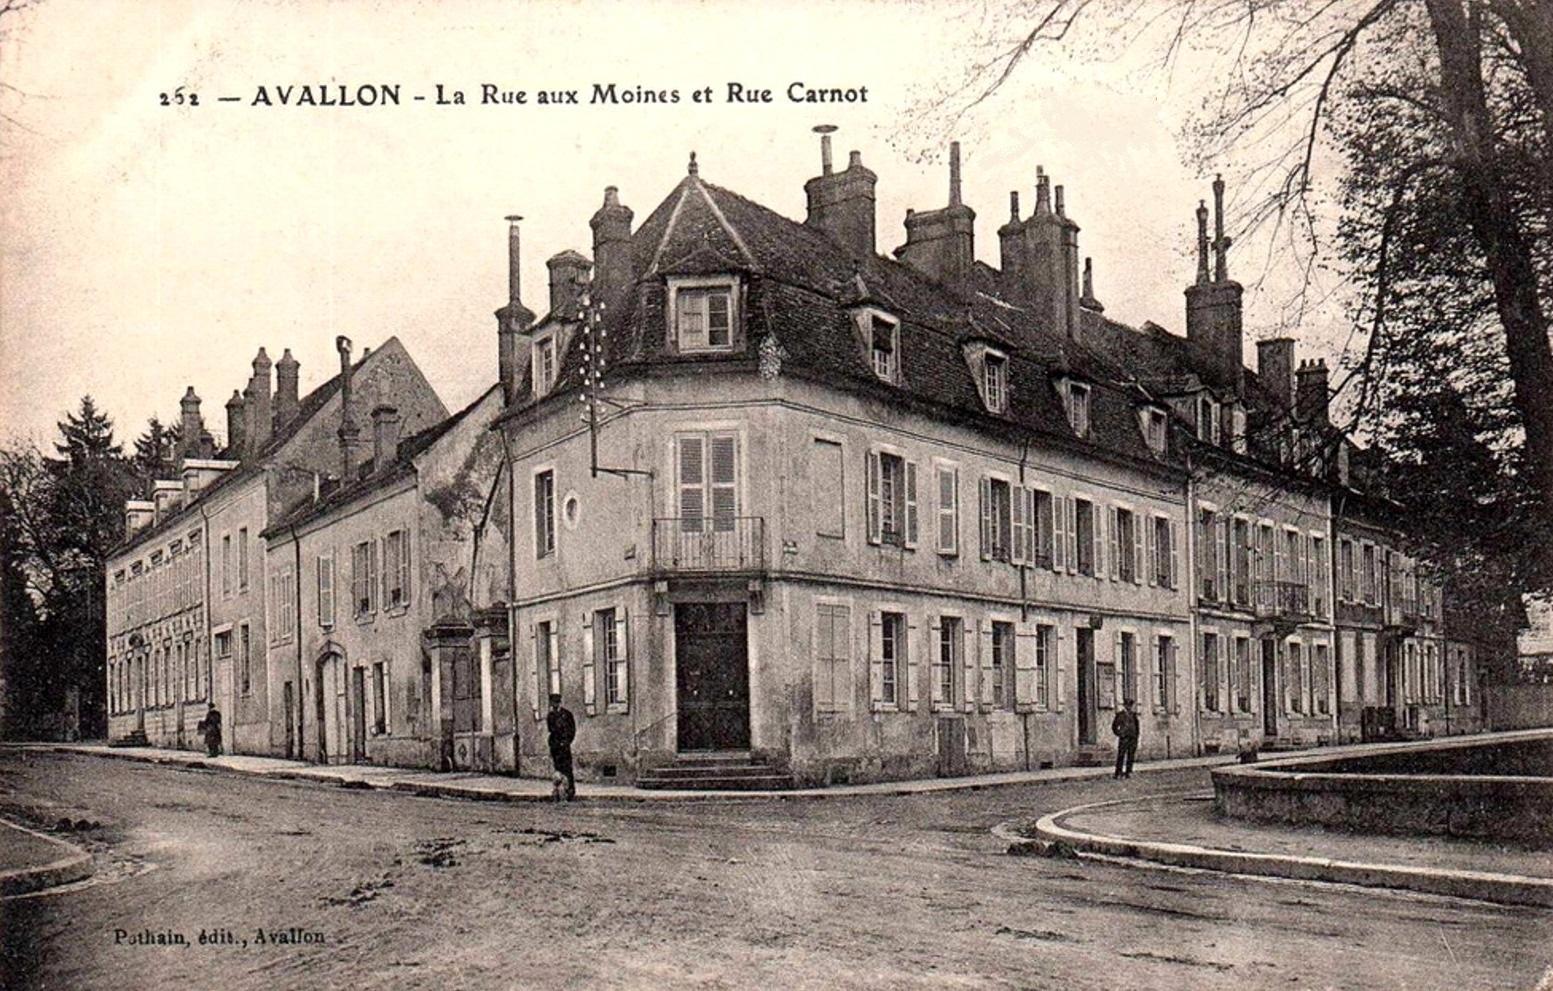 Avallon (89) Les rues aux Moines et Carnot CPA